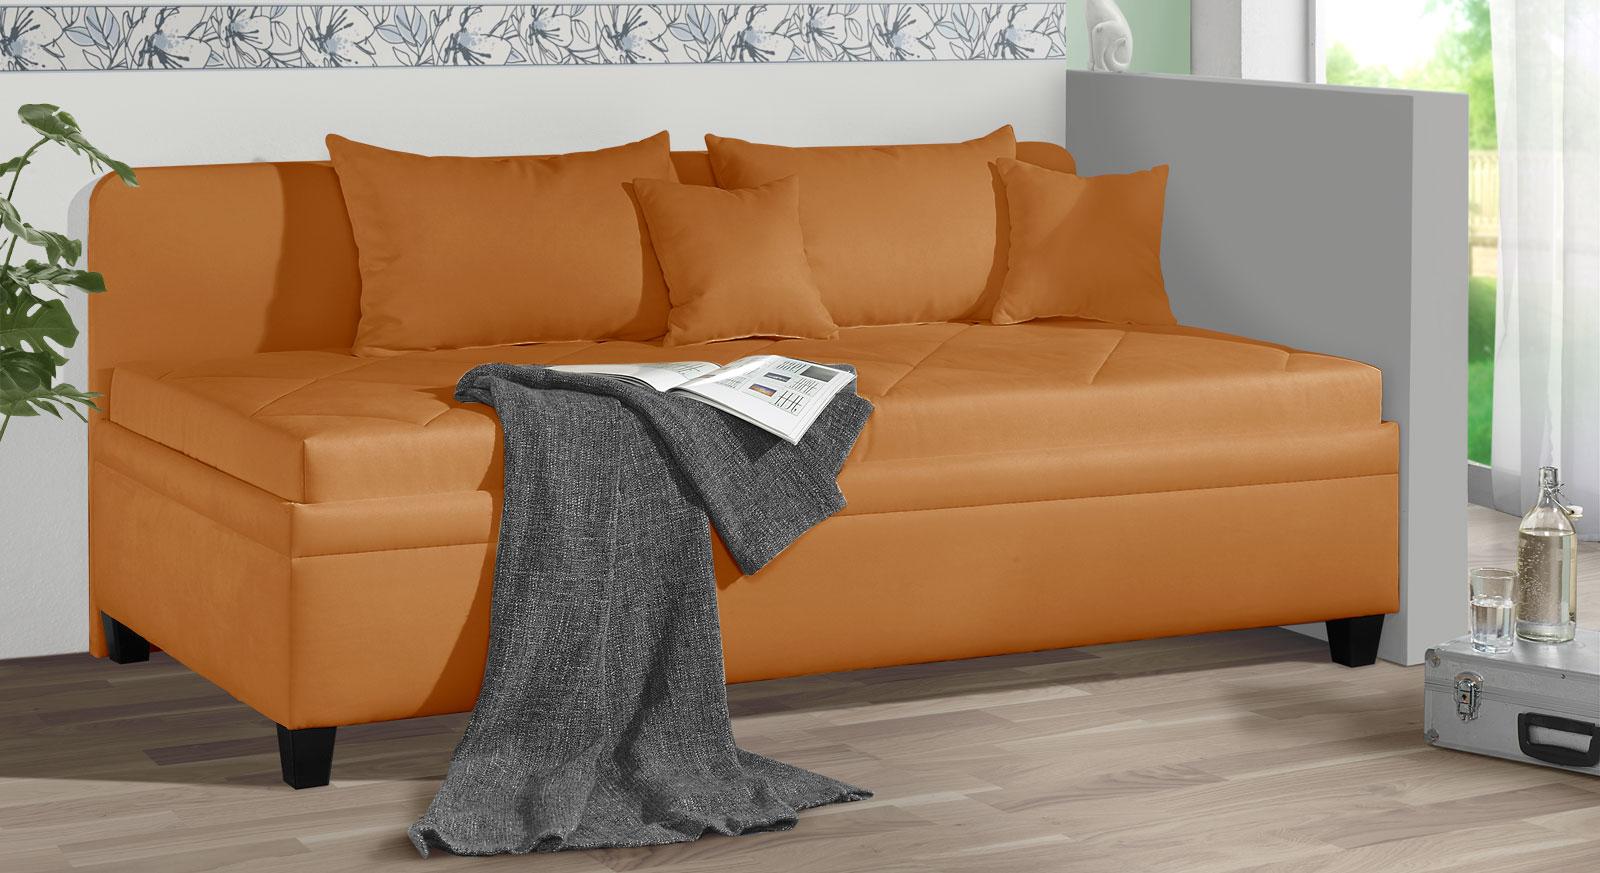 wandfarbe schlafzimmer gelb bettdecken discount tolle schlafzimmer ideen farben w nde 2x2. Black Bedroom Furniture Sets. Home Design Ideas